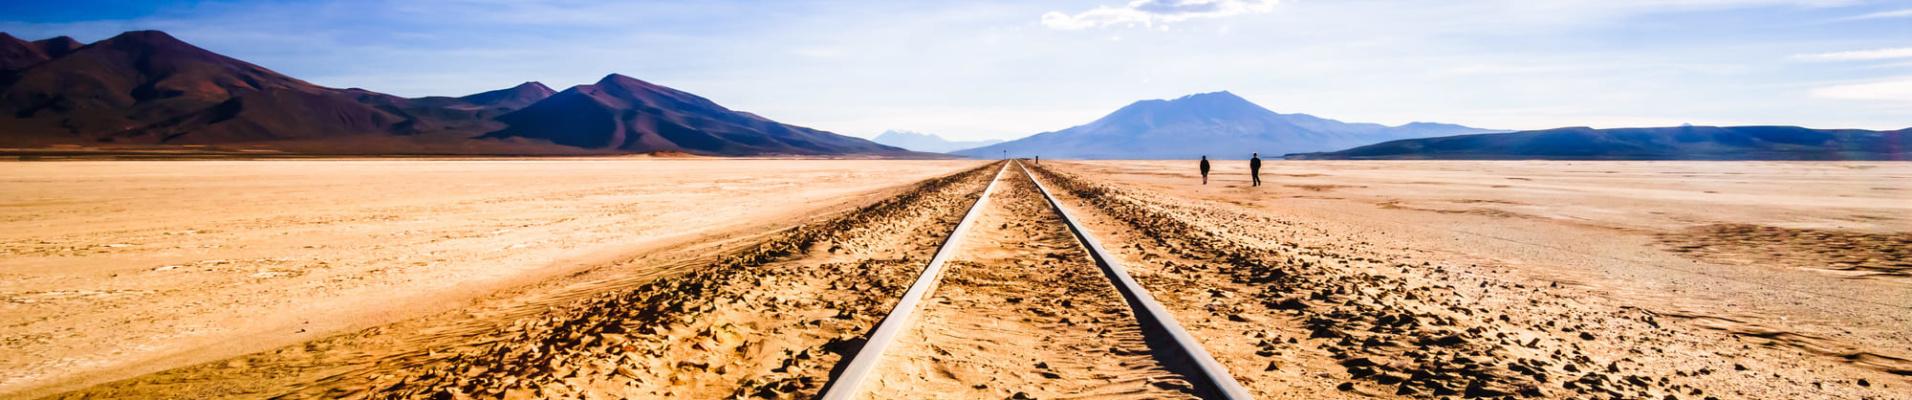 Vue des rails traversant le désert de l'Altiplano en Bolivie